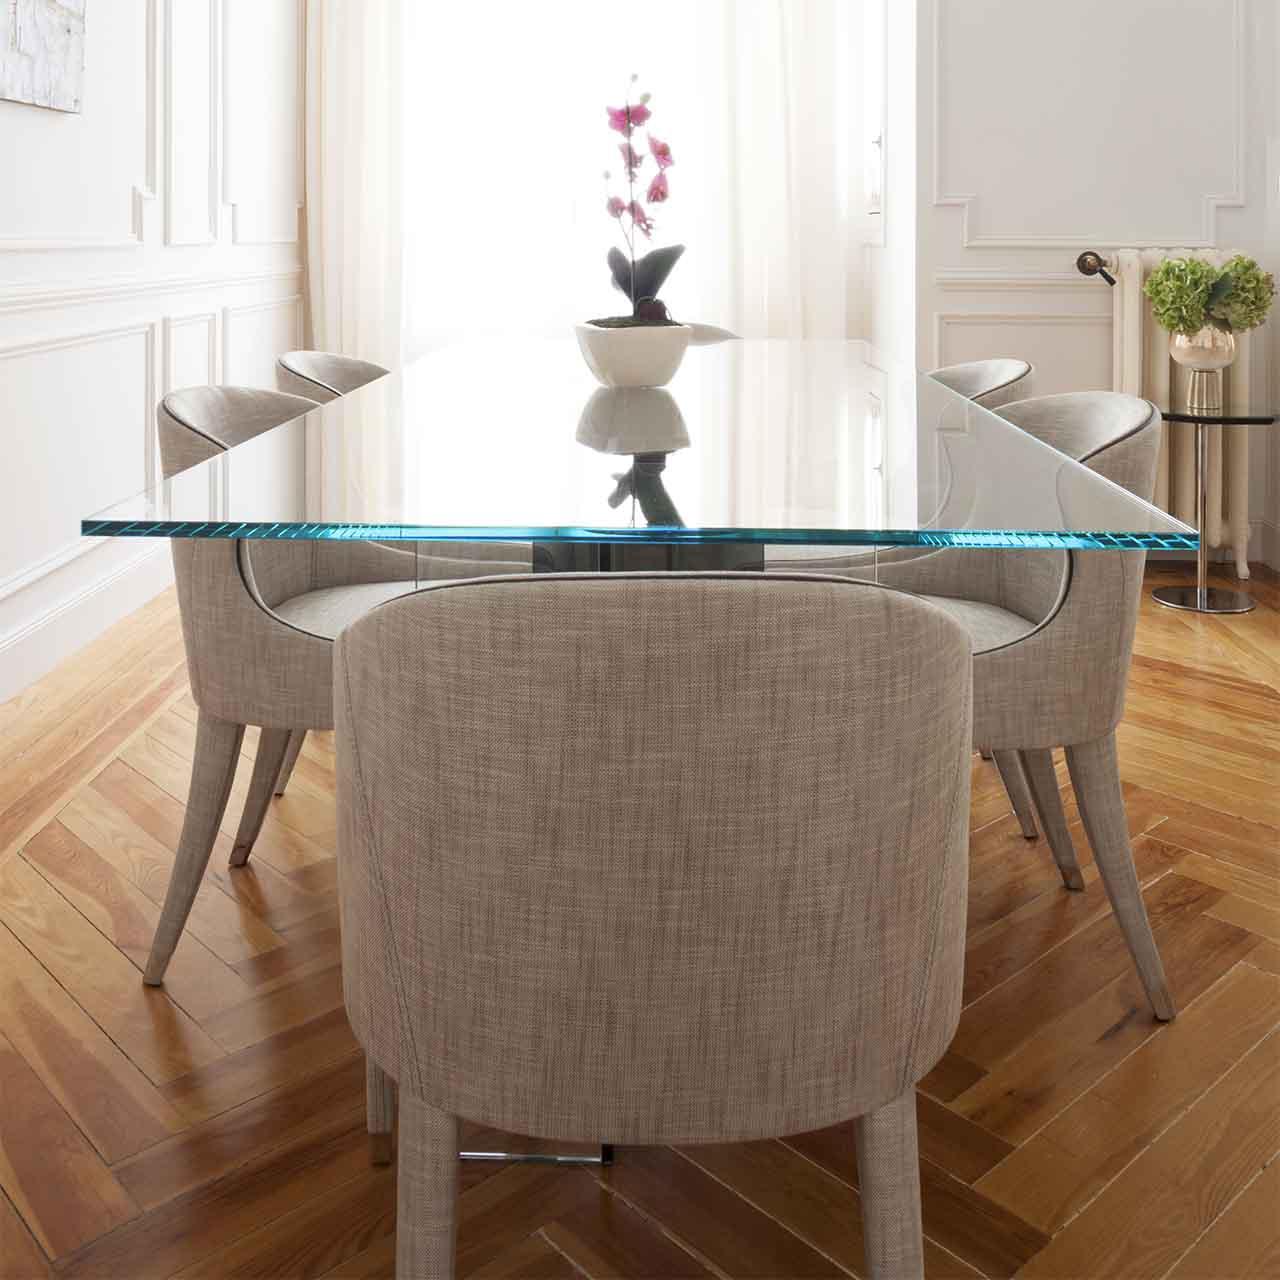 Interiorismo de viviendas alicia mesa dise adora de - Disenadora de interiores ...